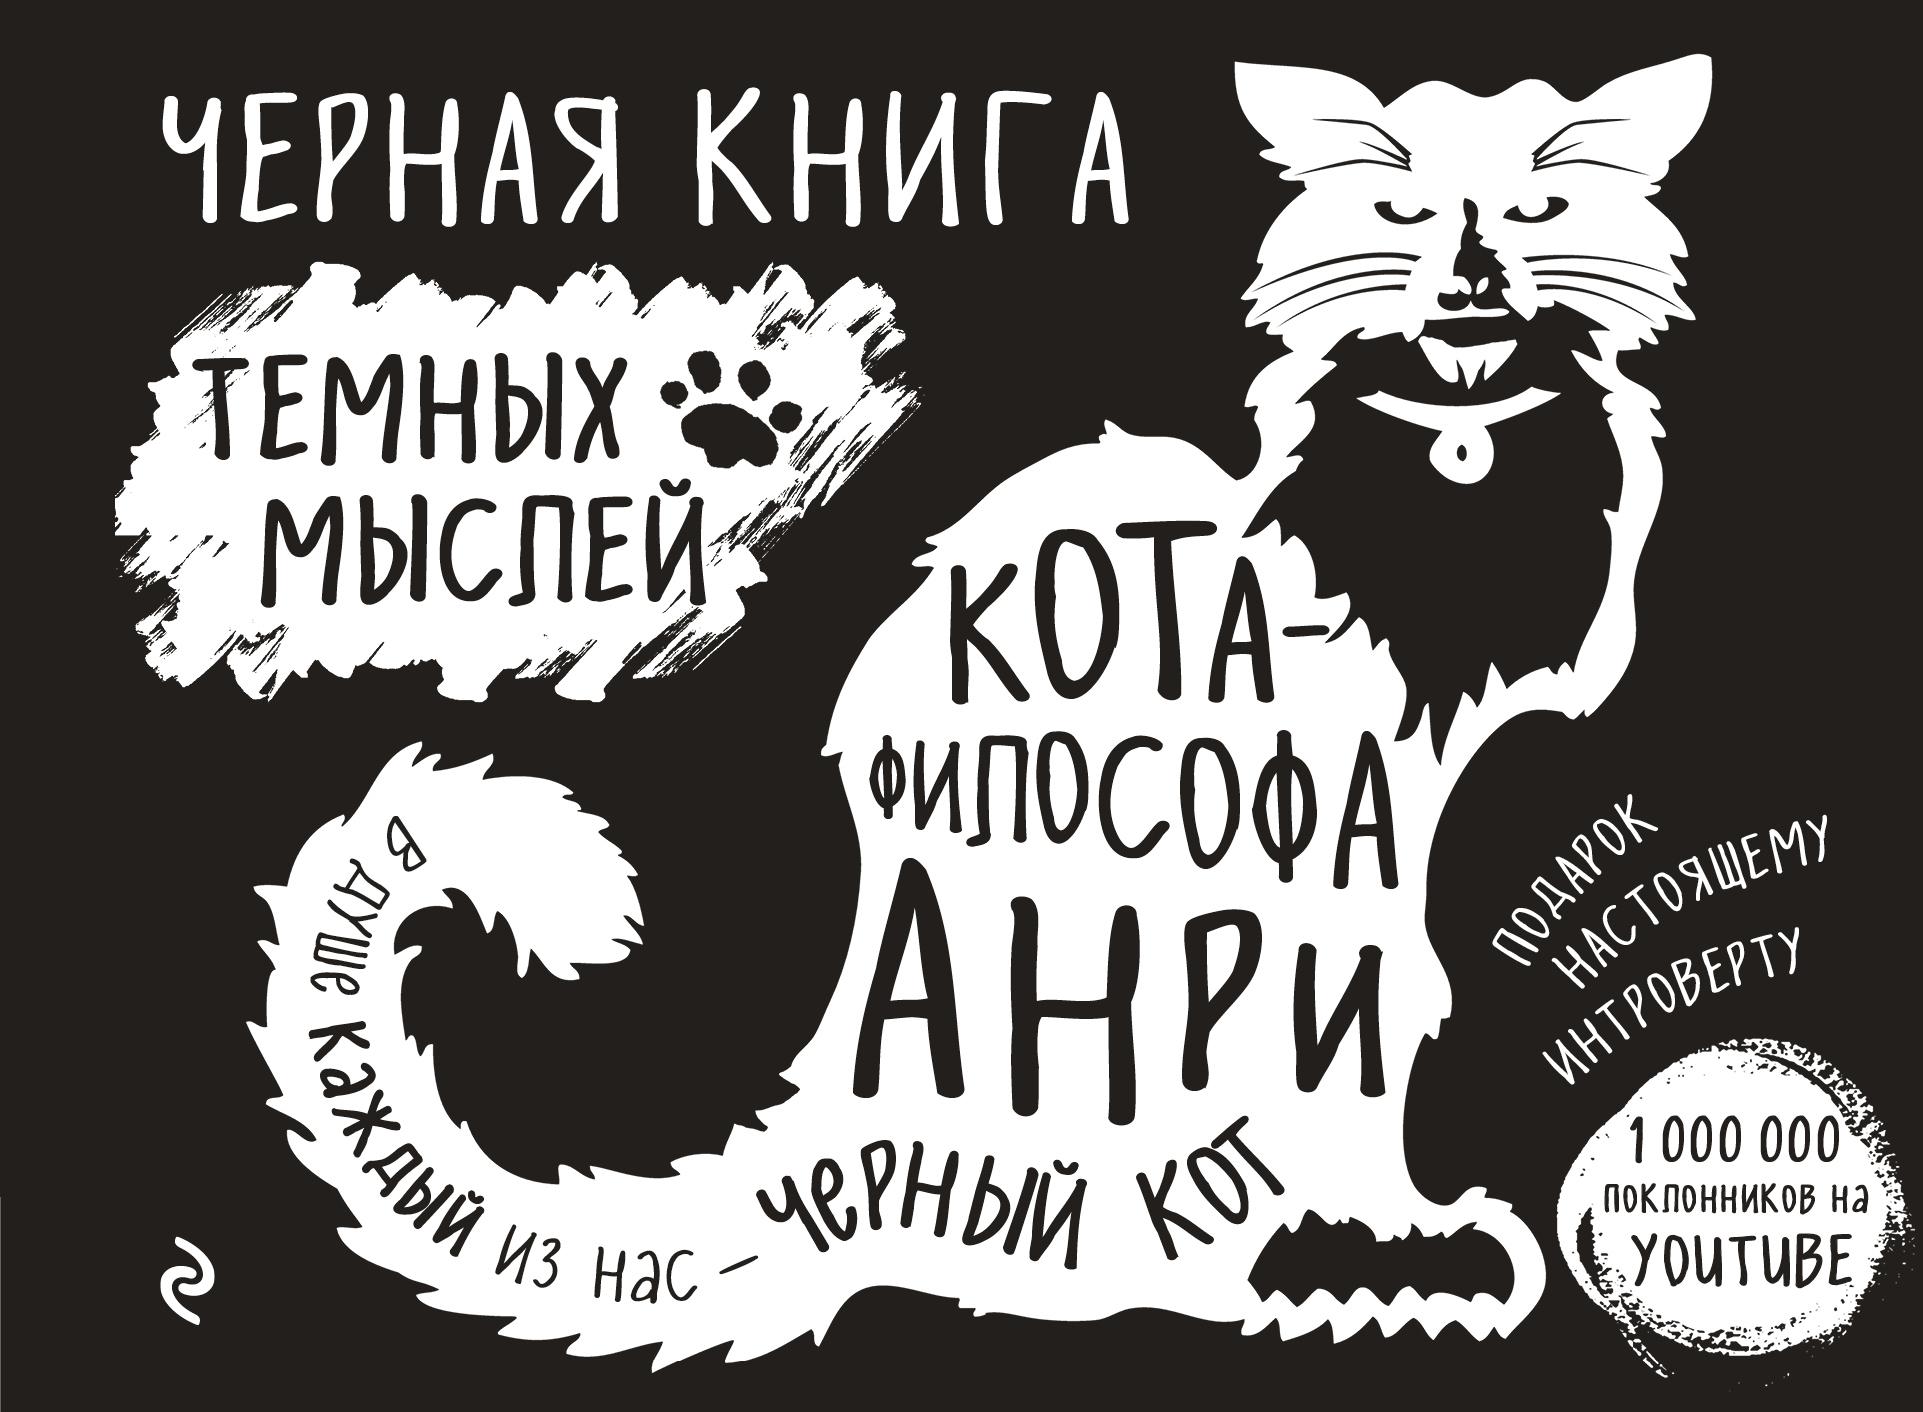 Черная книга темных мыслей кота-философа Анри